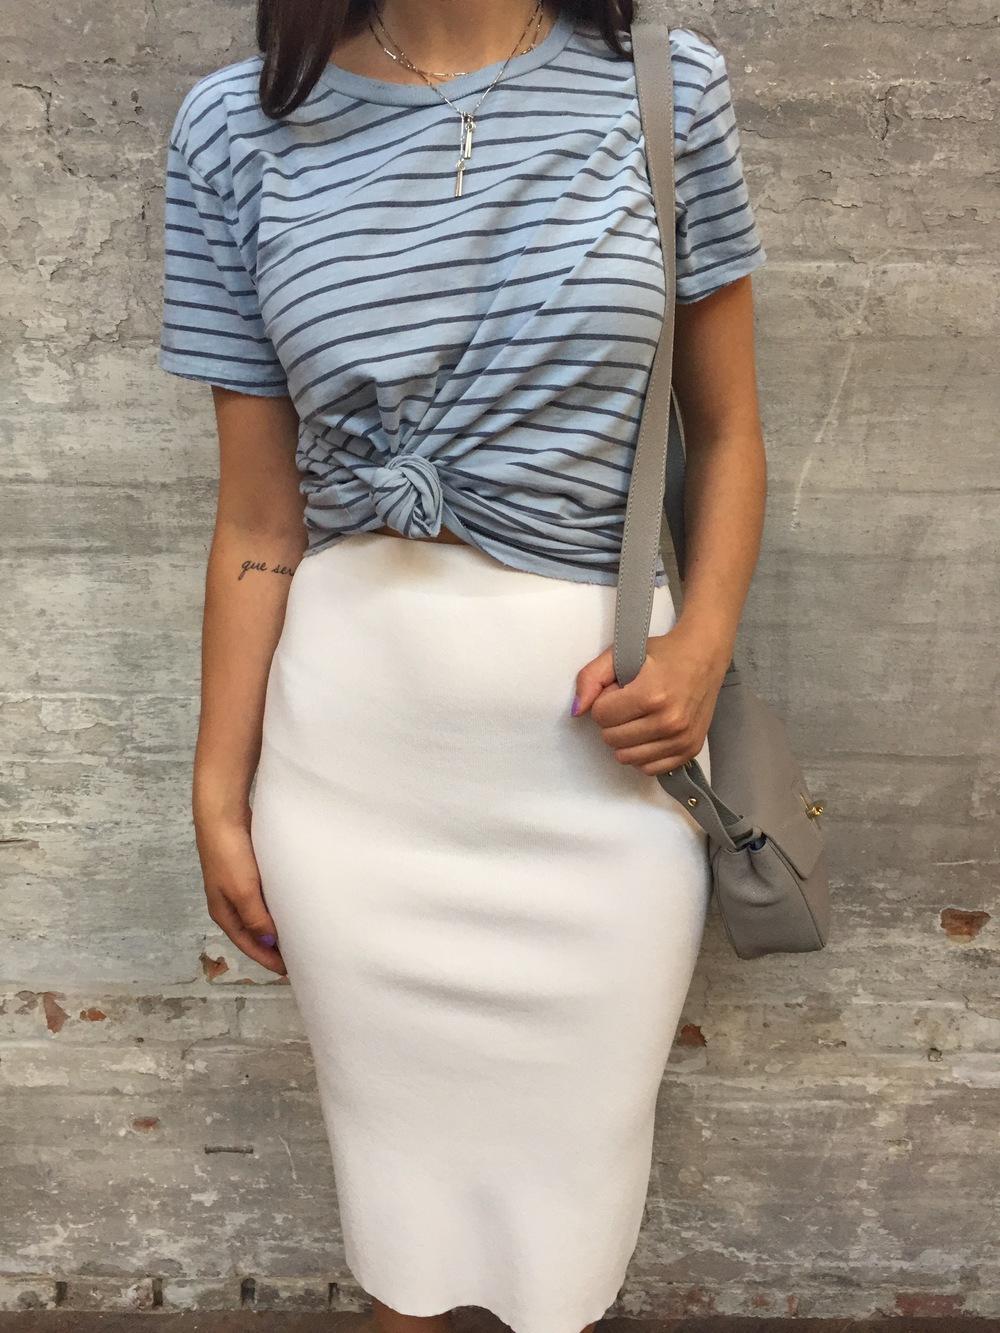 Velvet Striped Cotton Tee $148 Autumn Cashmere Skirt $240 Ela Mini Saddle Bag $345 Wolf Circus Bolero Lariat $89